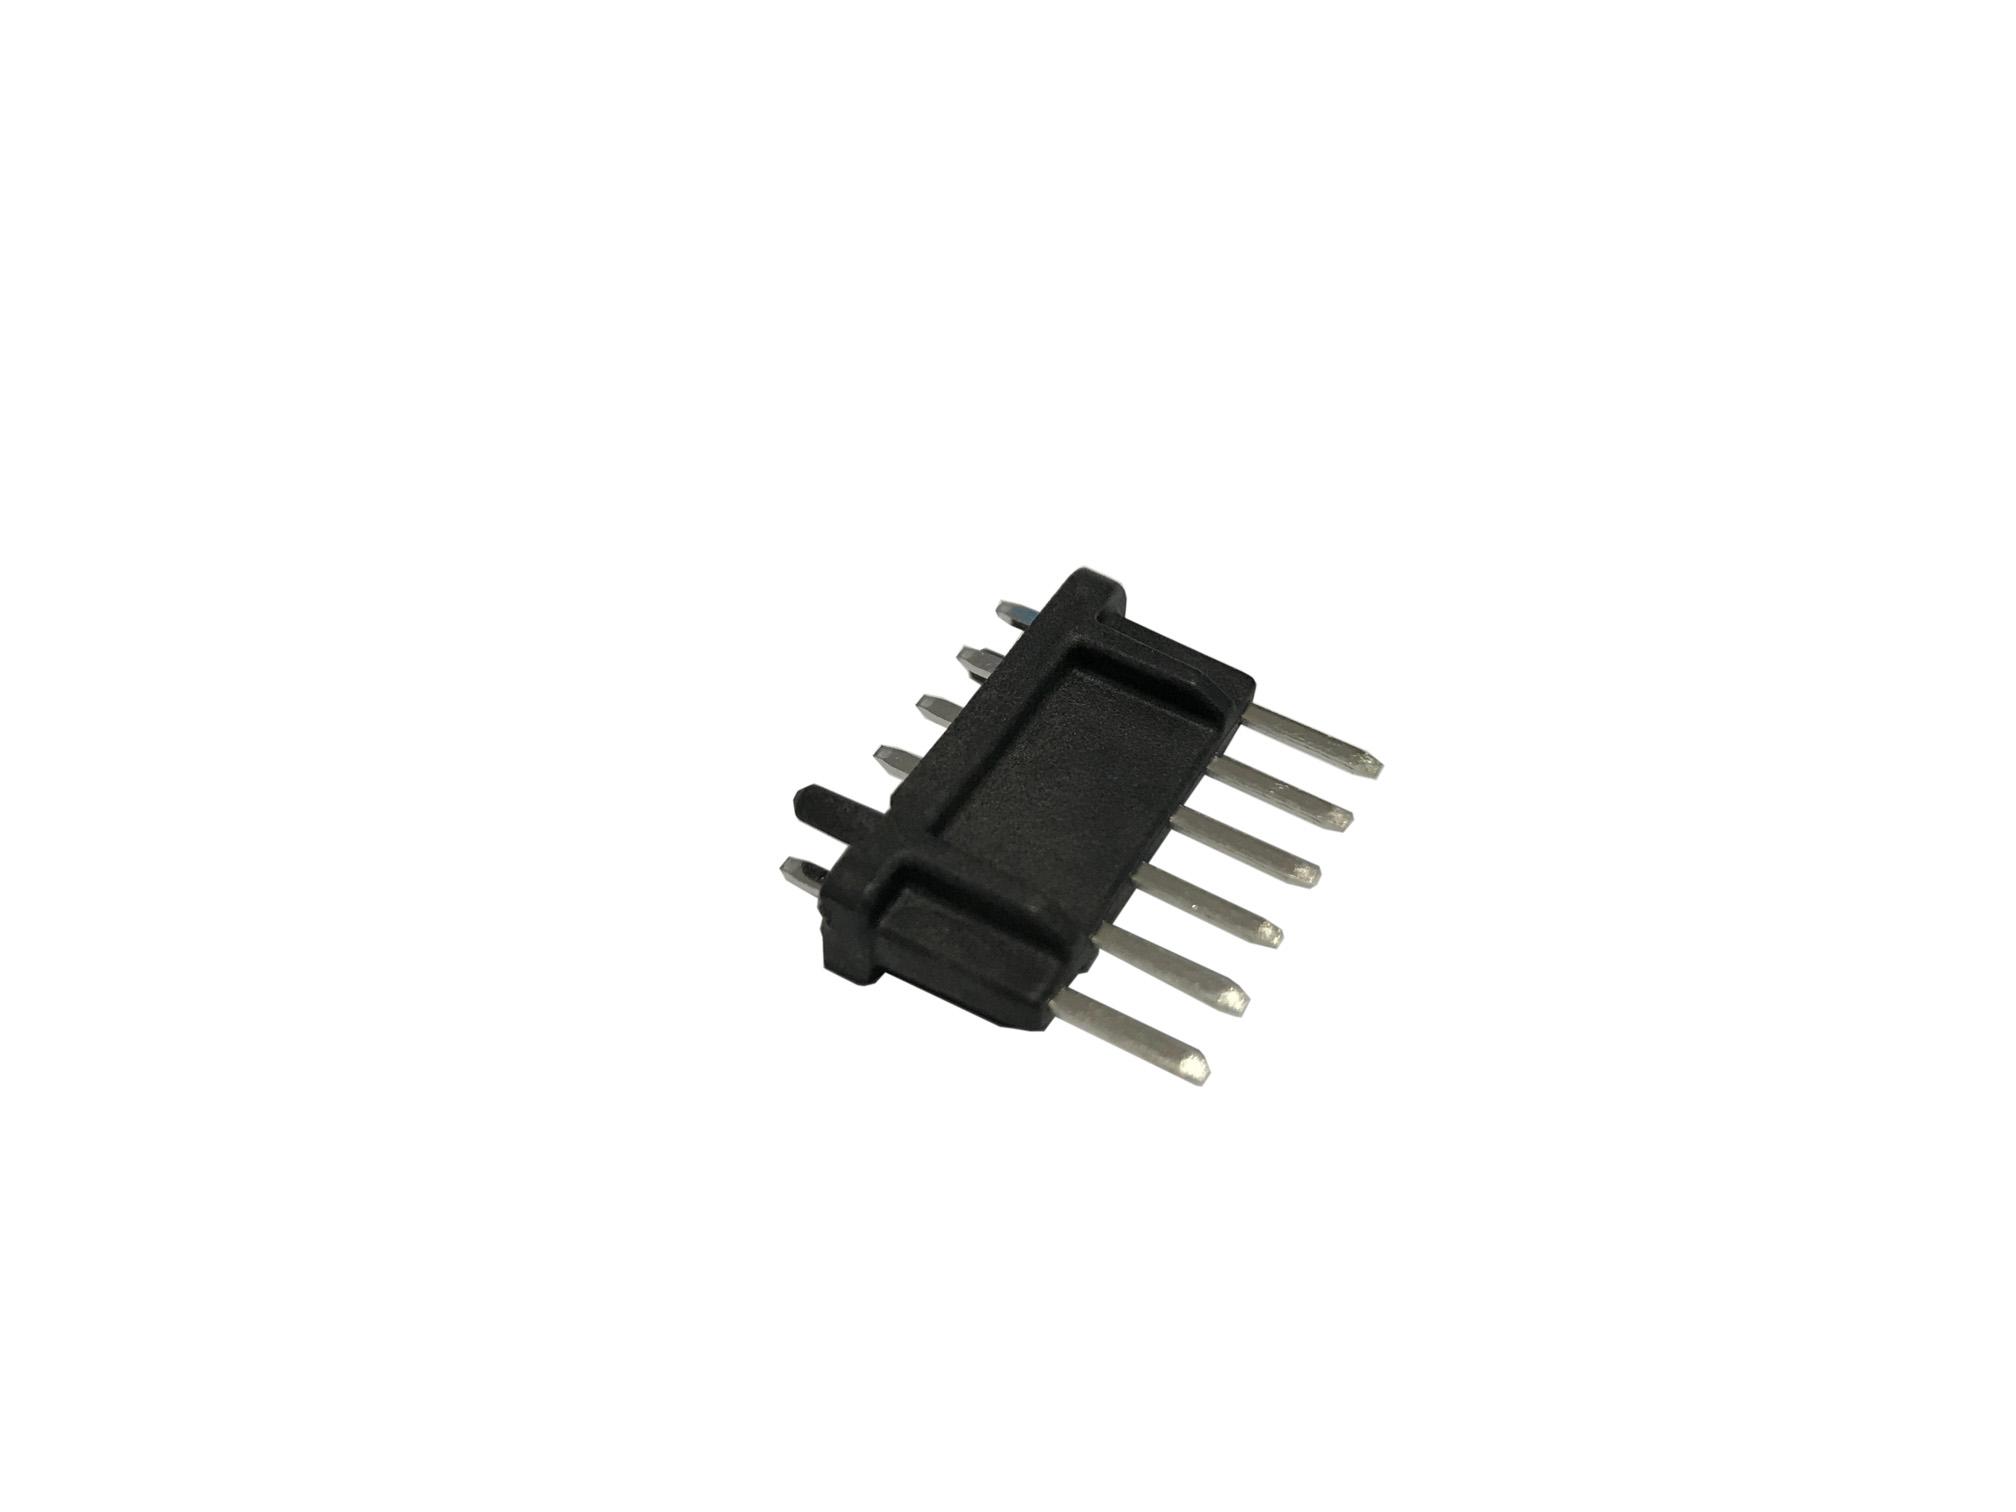 QJ585 6芯插座